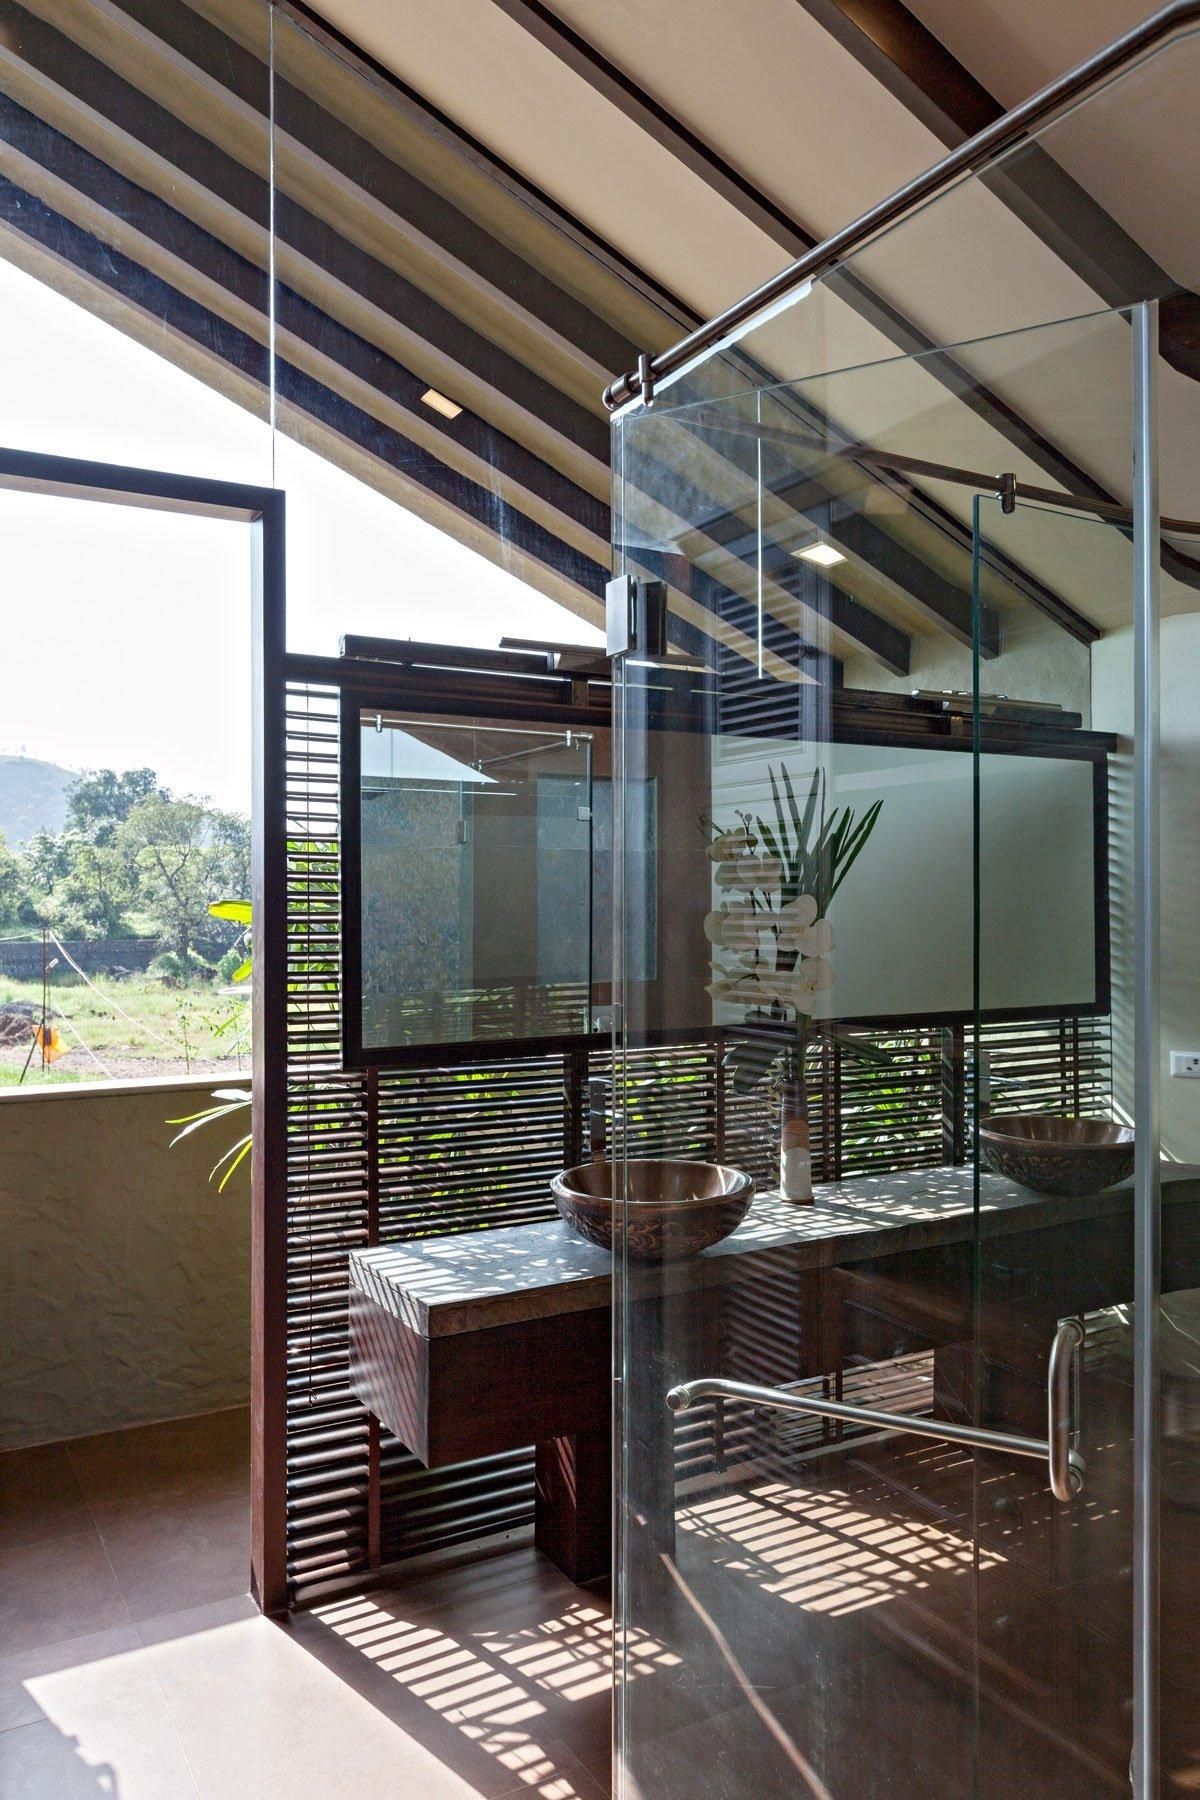 Monsoon Retreat, Abraham John ARCHITECTS, особняки в Индии, частный дом в Махараштра, покатая крыша, панорамное остекление частного дома